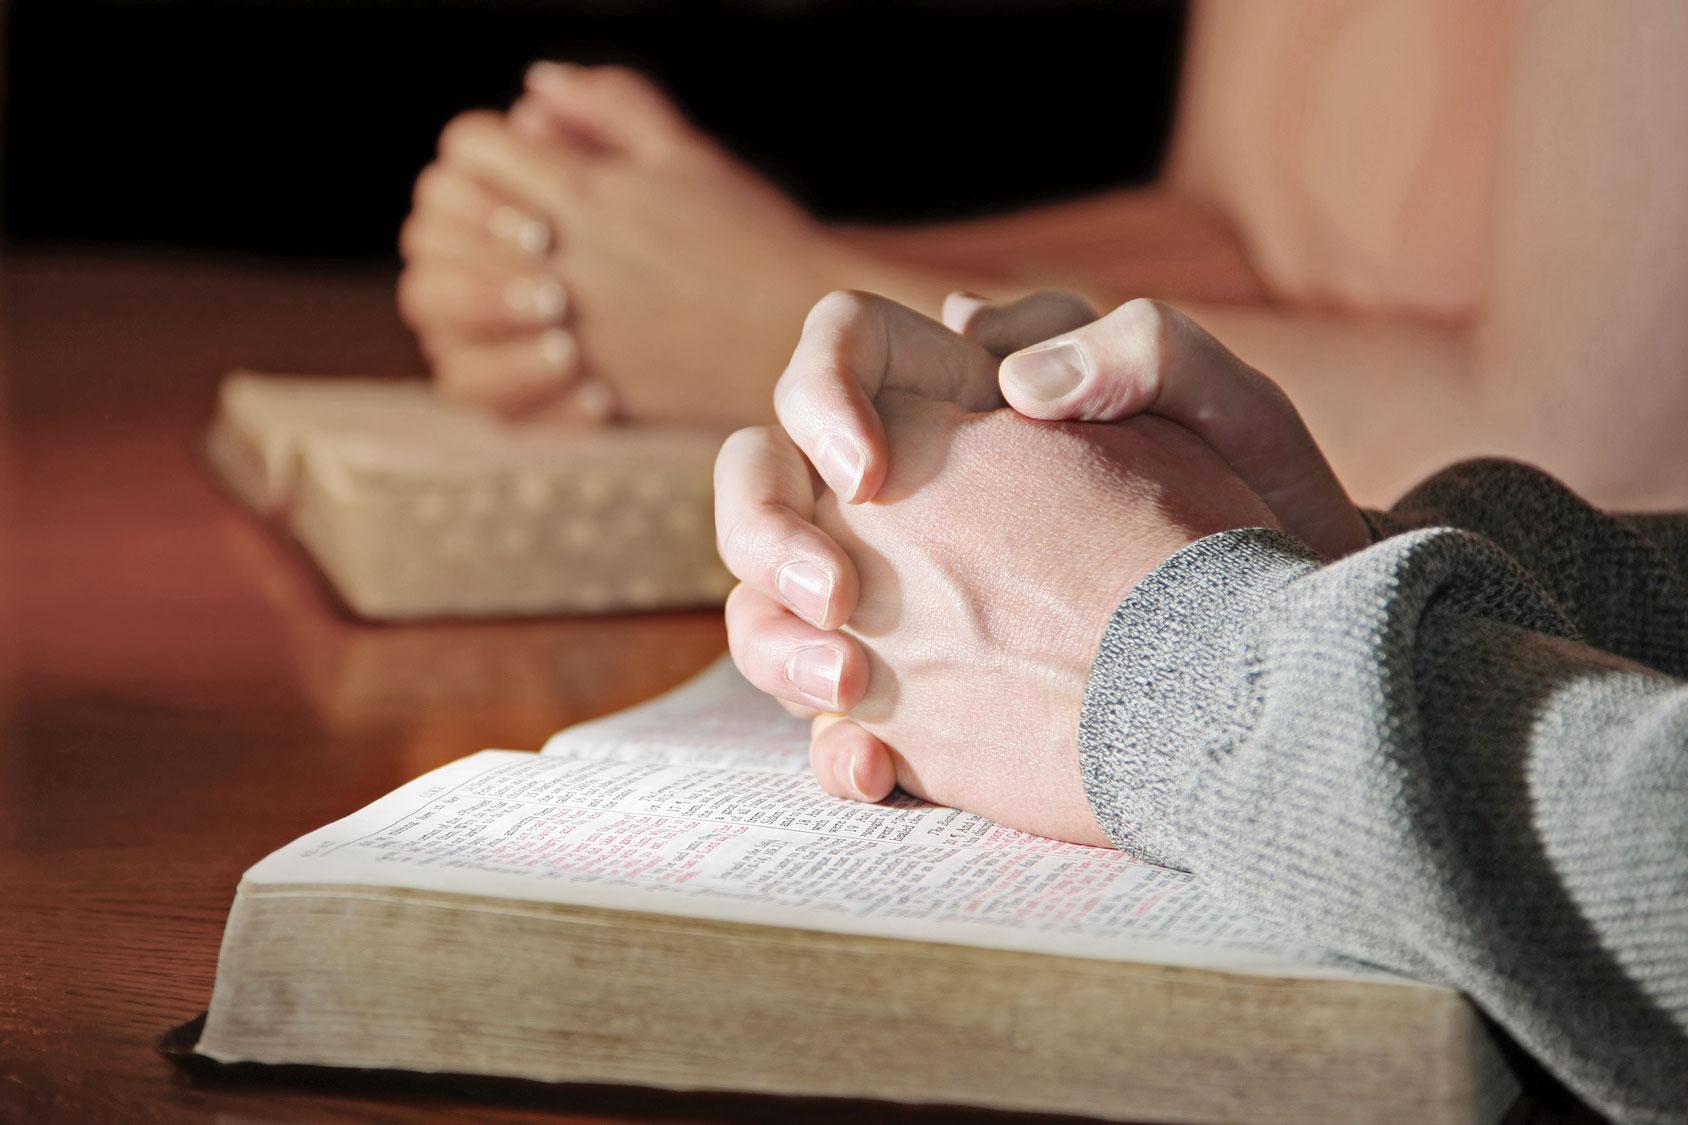 Los 3 pasos para vencer las batallas espirituales